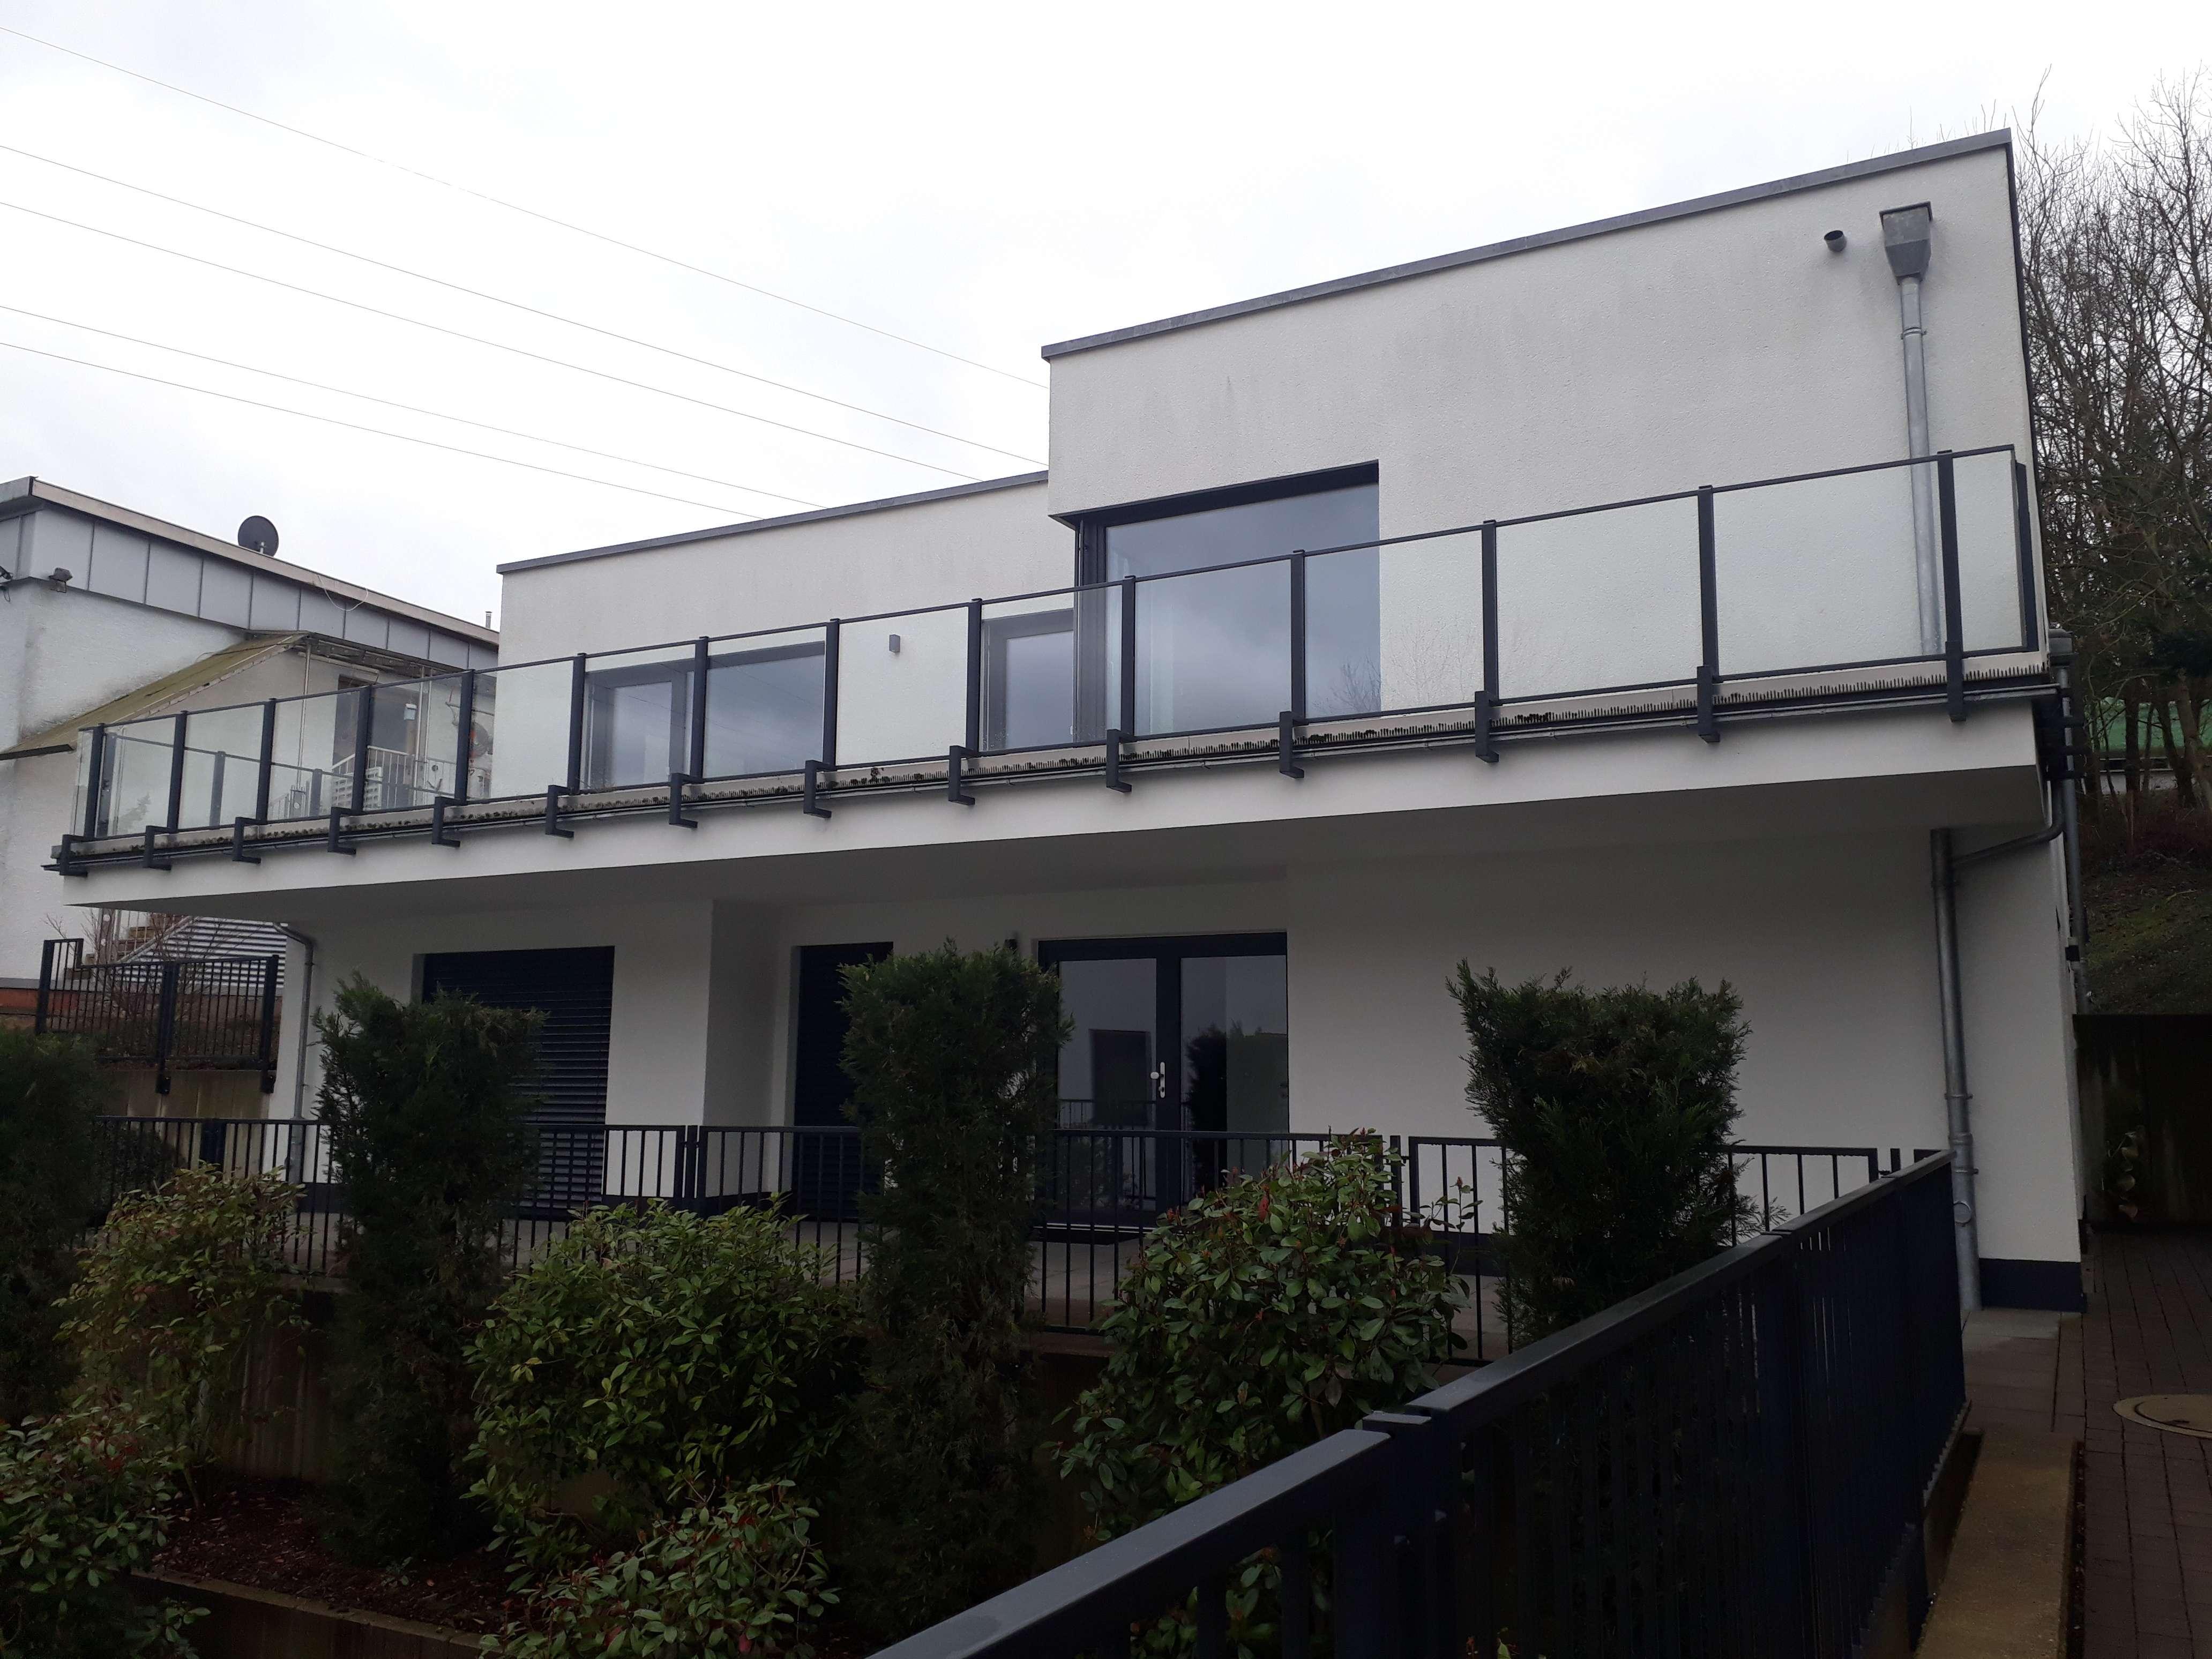 Gepflegte Penthouse-Wohnung mit drei Zimmern sowie großer Terrasse in Aschaffenburg-Damm in